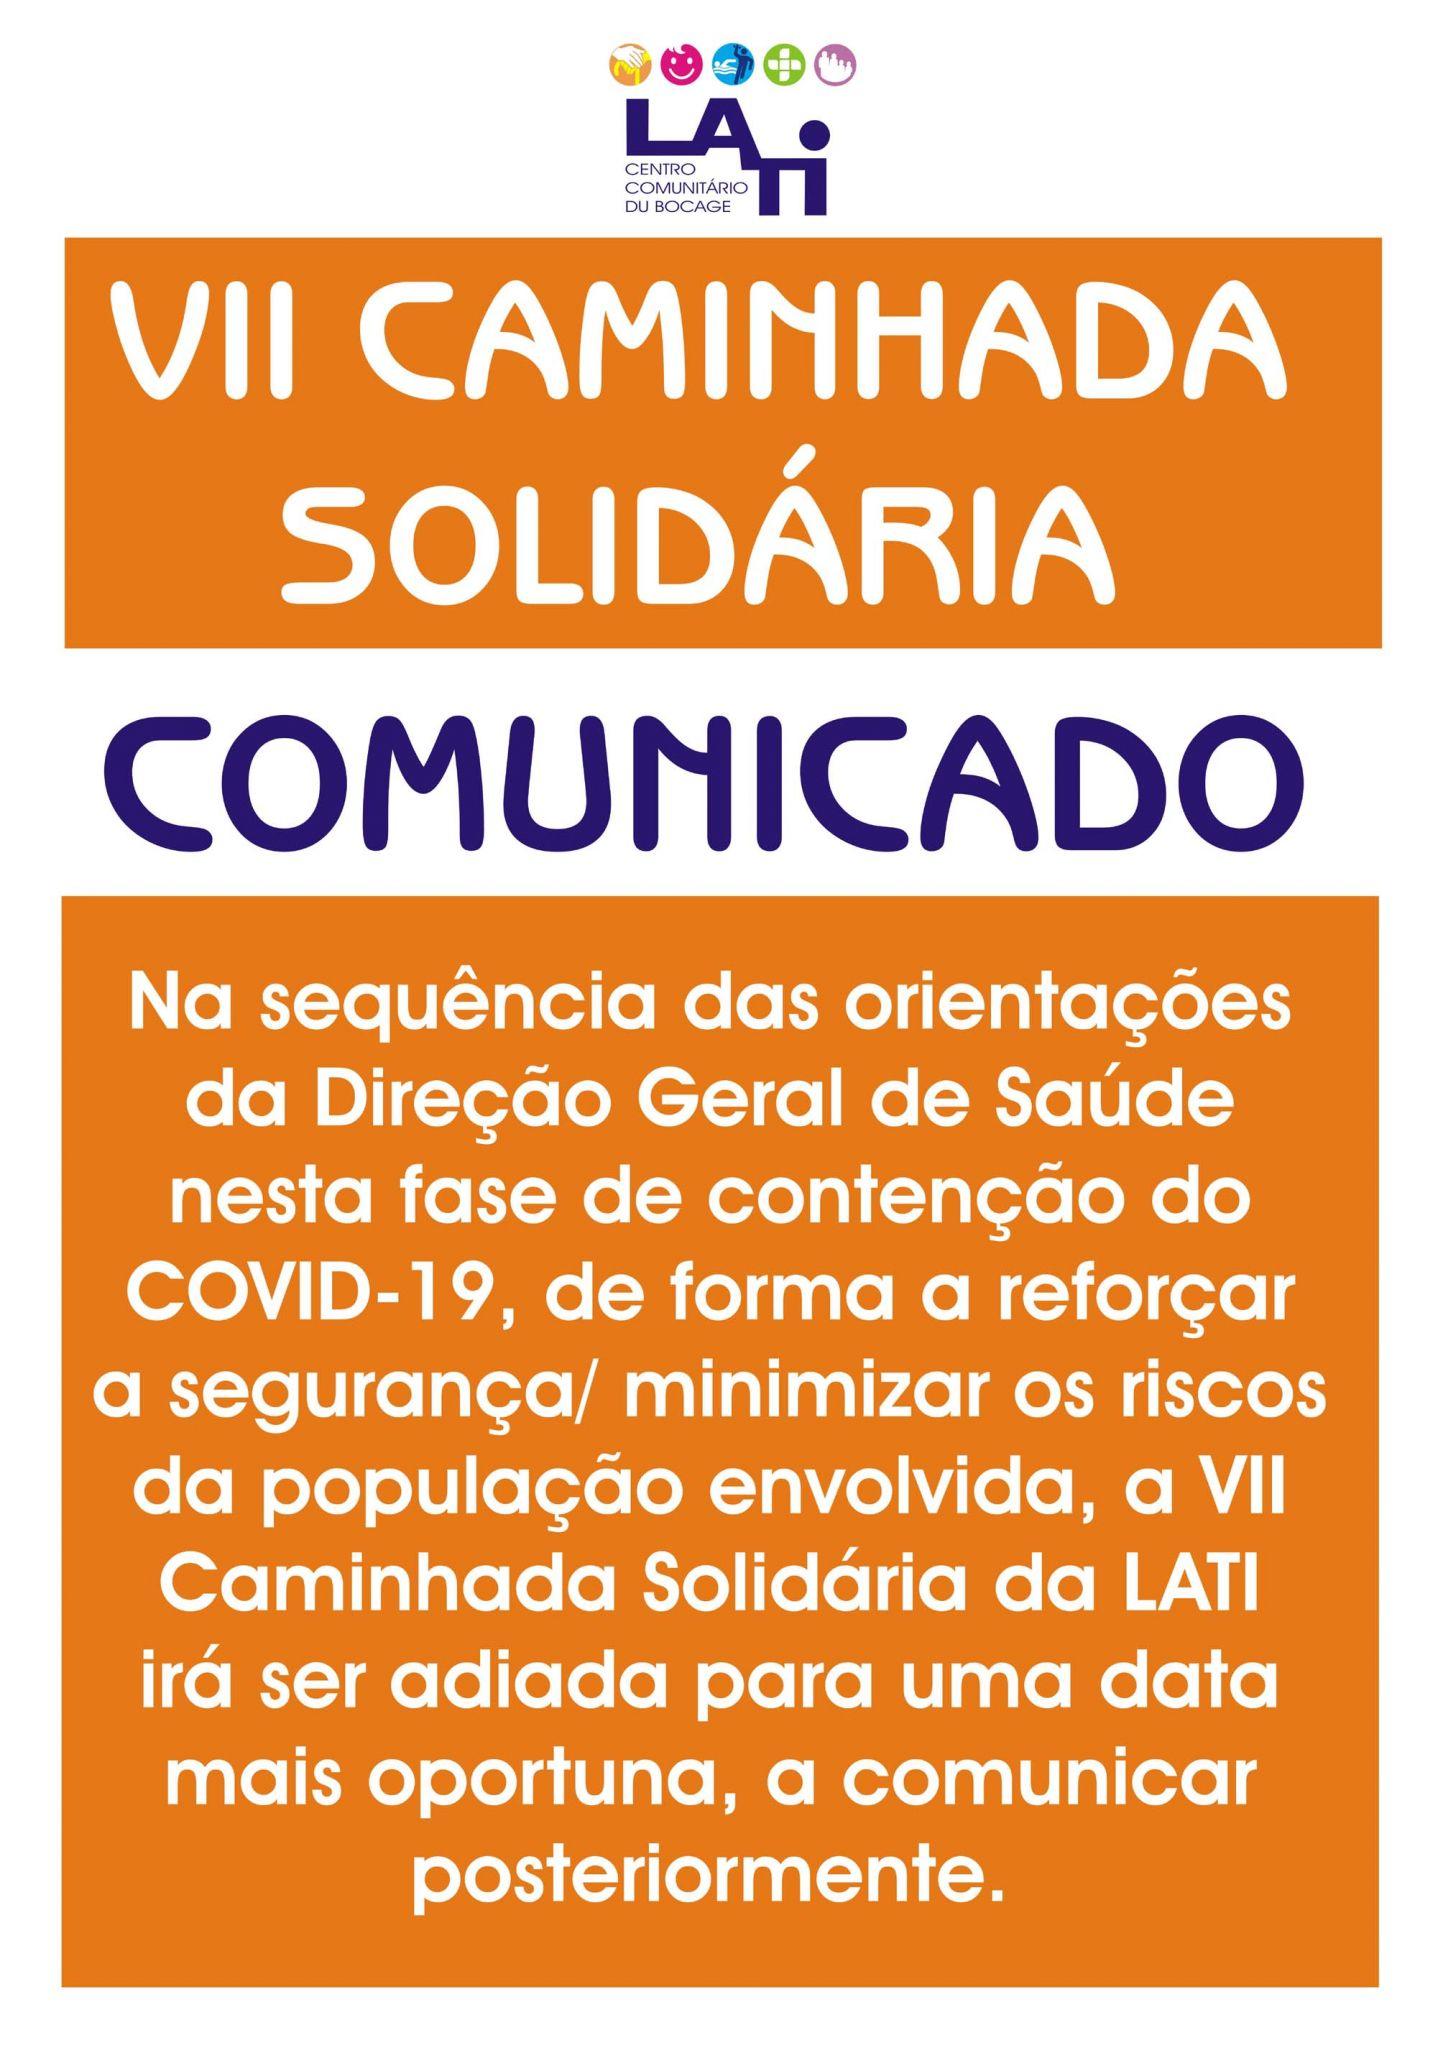 VII Caminhada Solidária da LATI vai ser adiada